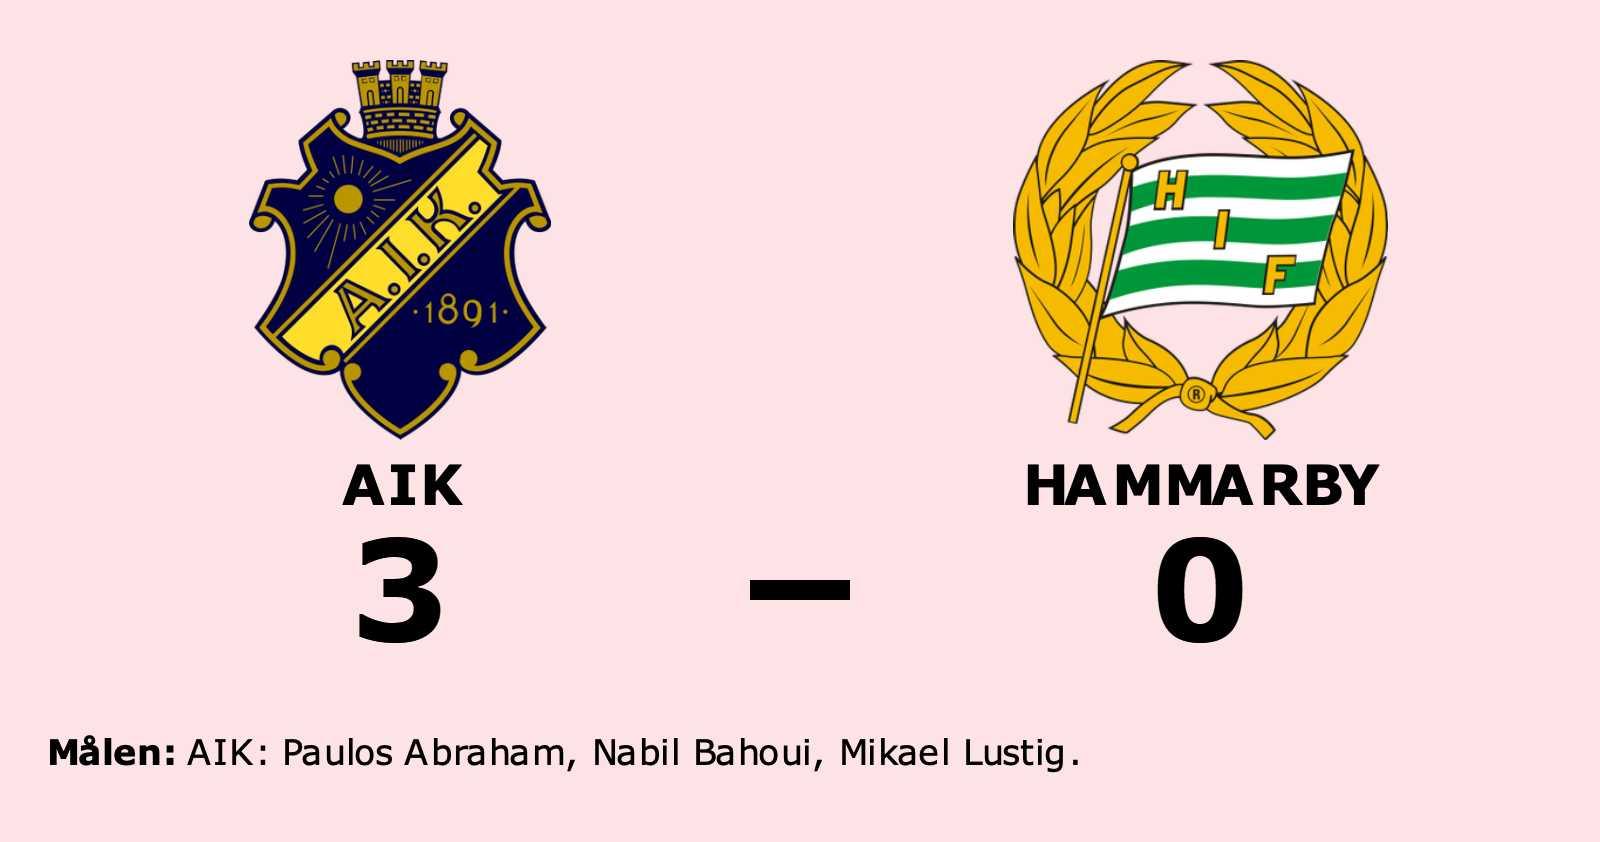 AIK tog tre rättvisa poäng mot Hammarby